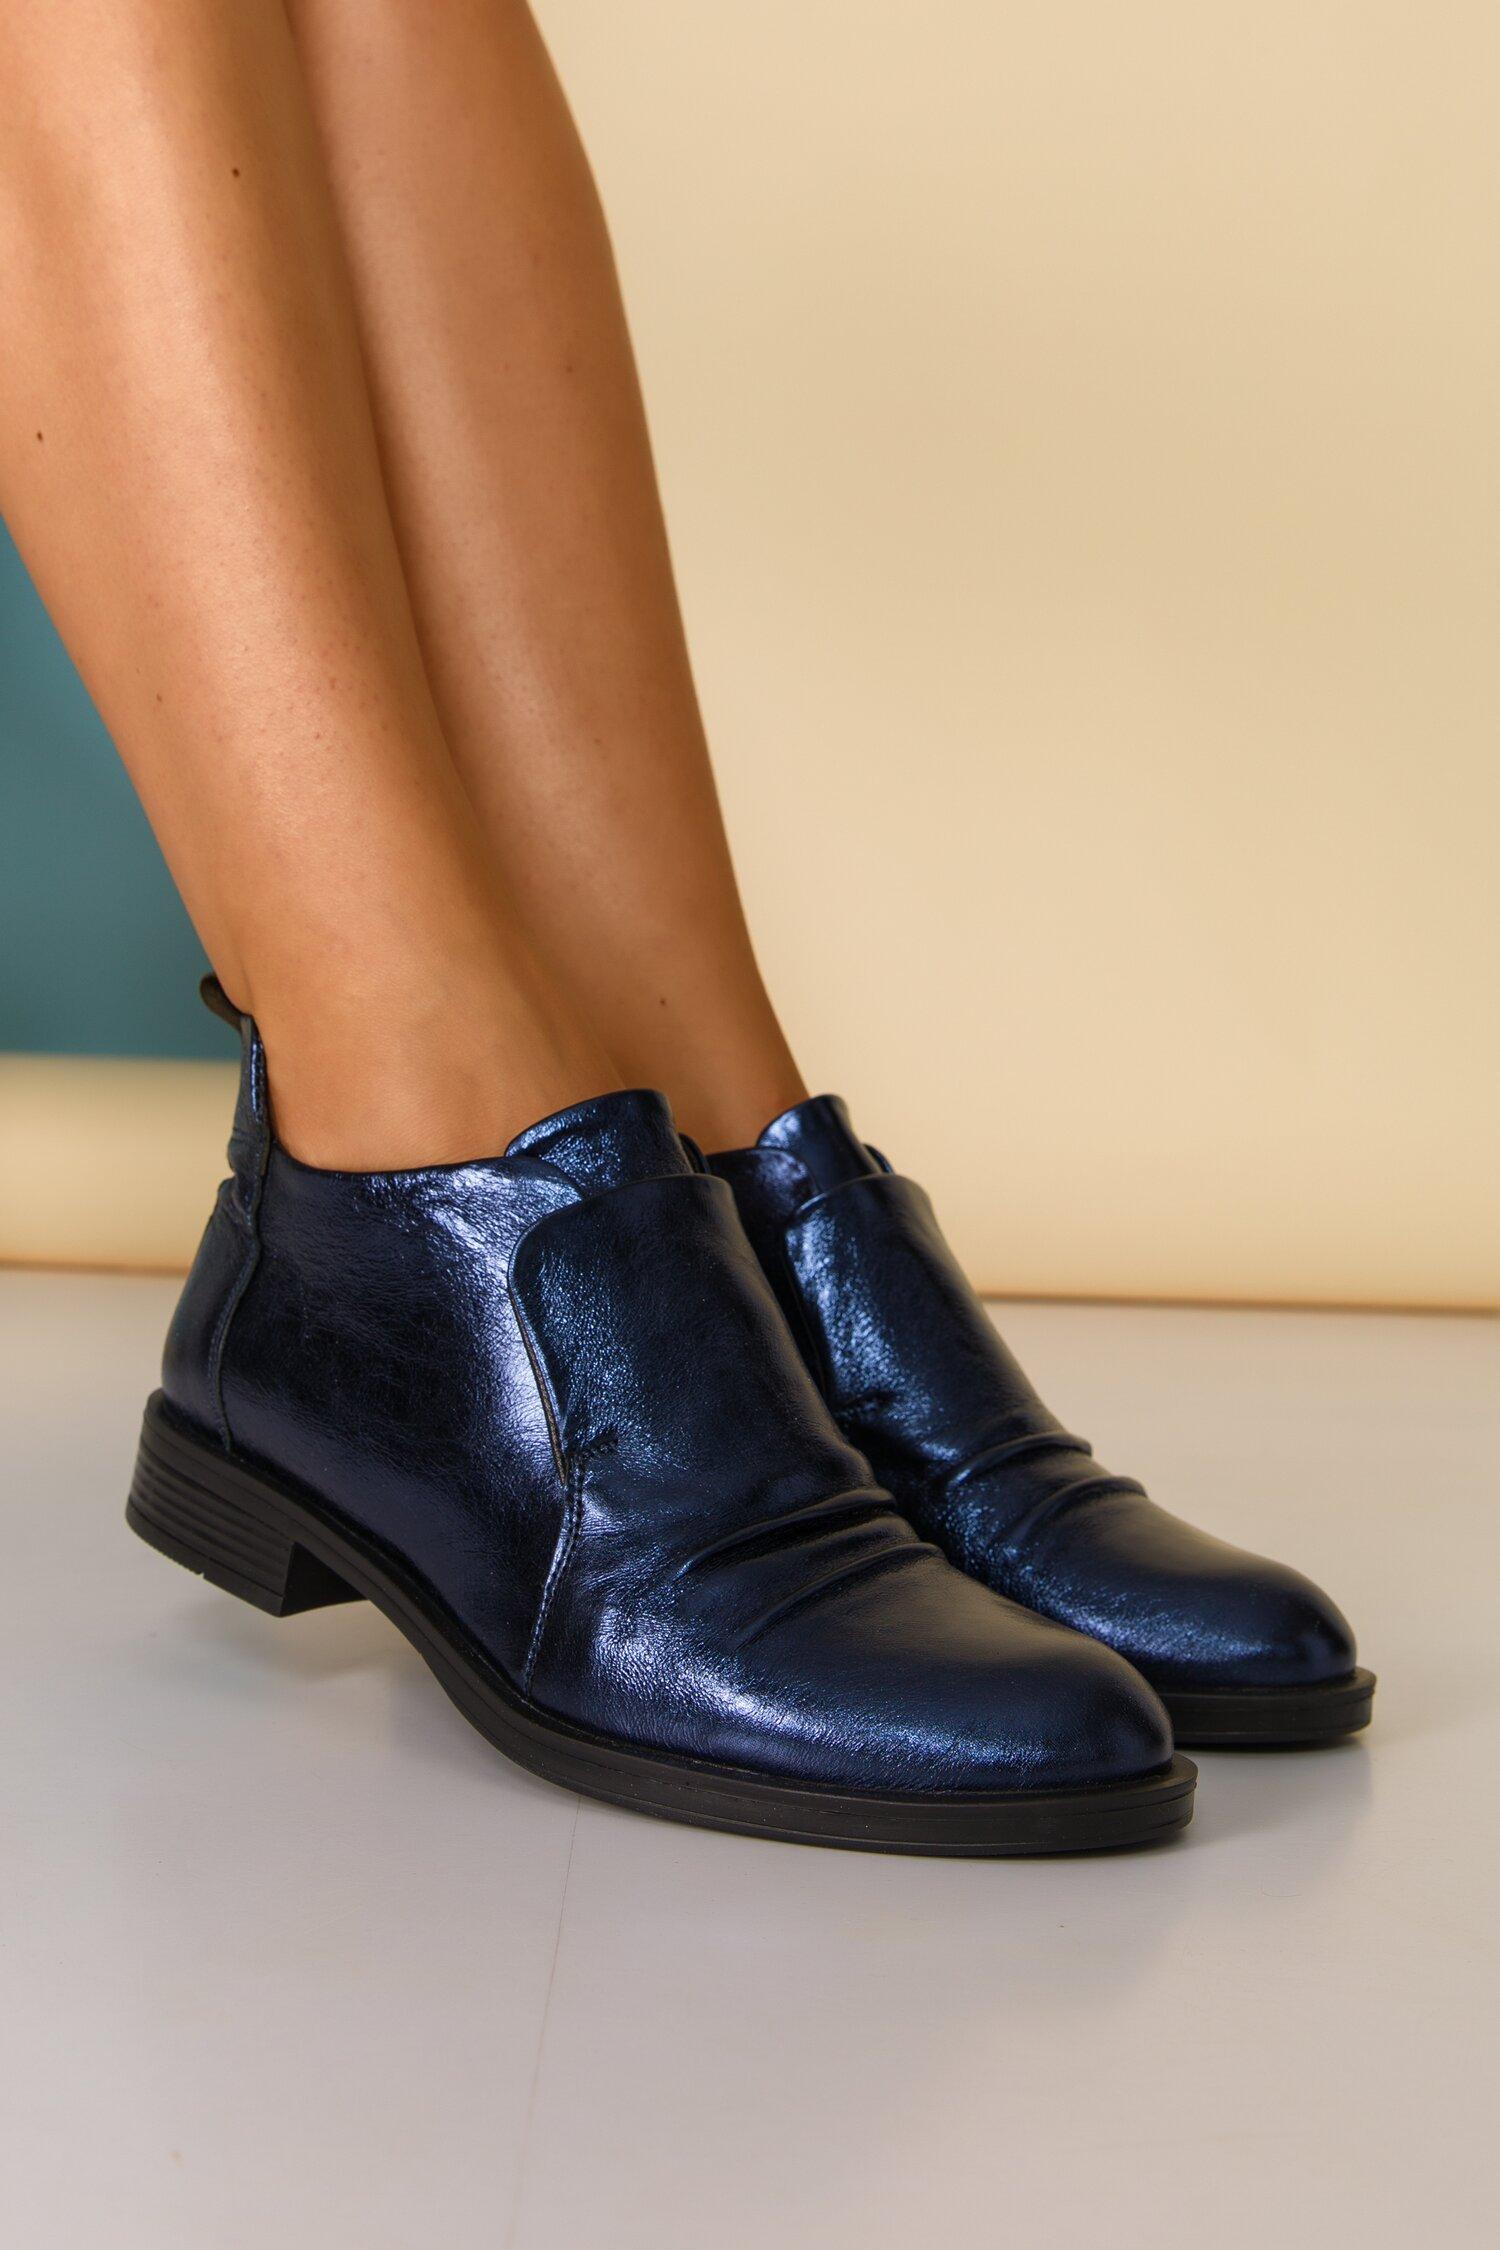 Pantofi bleumarin metalizat cu design deosebit cu limba dubla